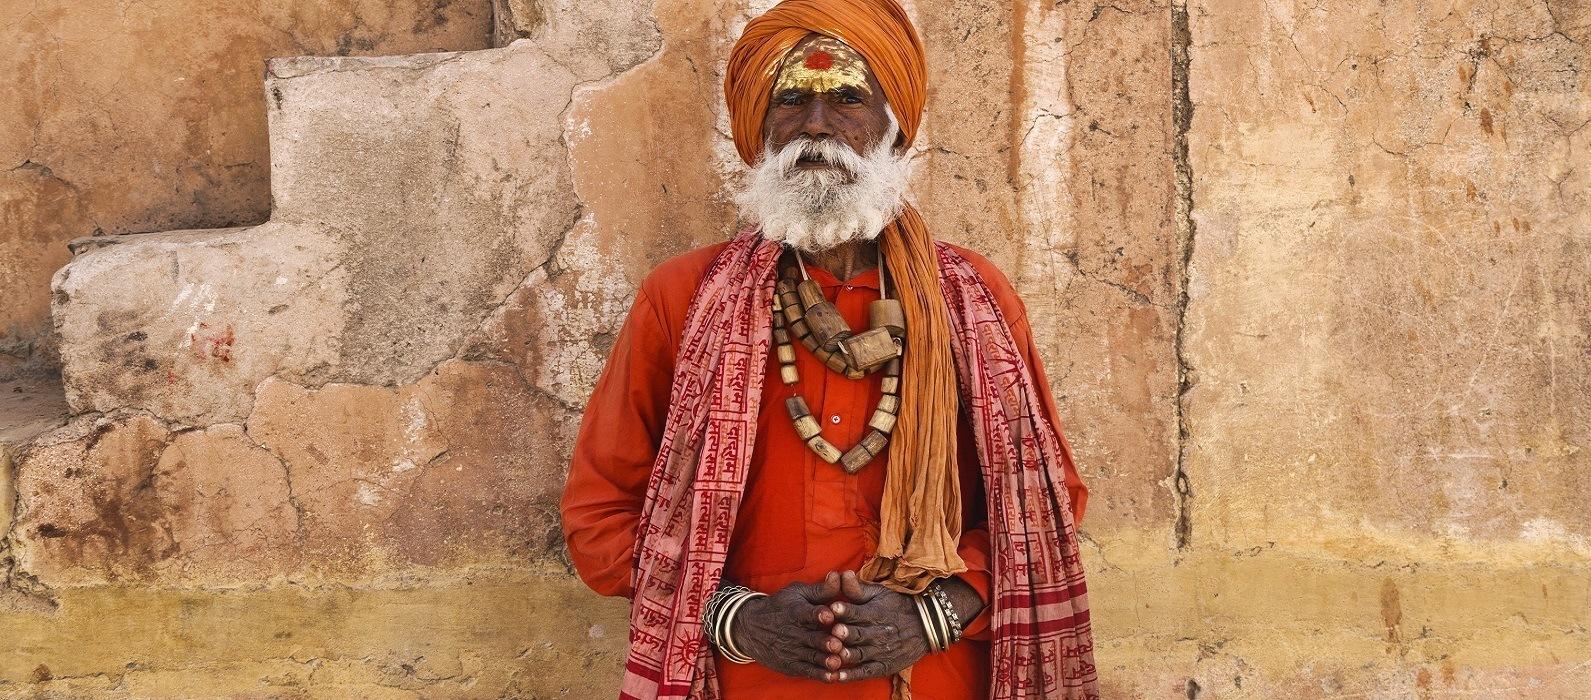 Gläubiger Mann in traditioneller Kleidung in Jaipur, Indien